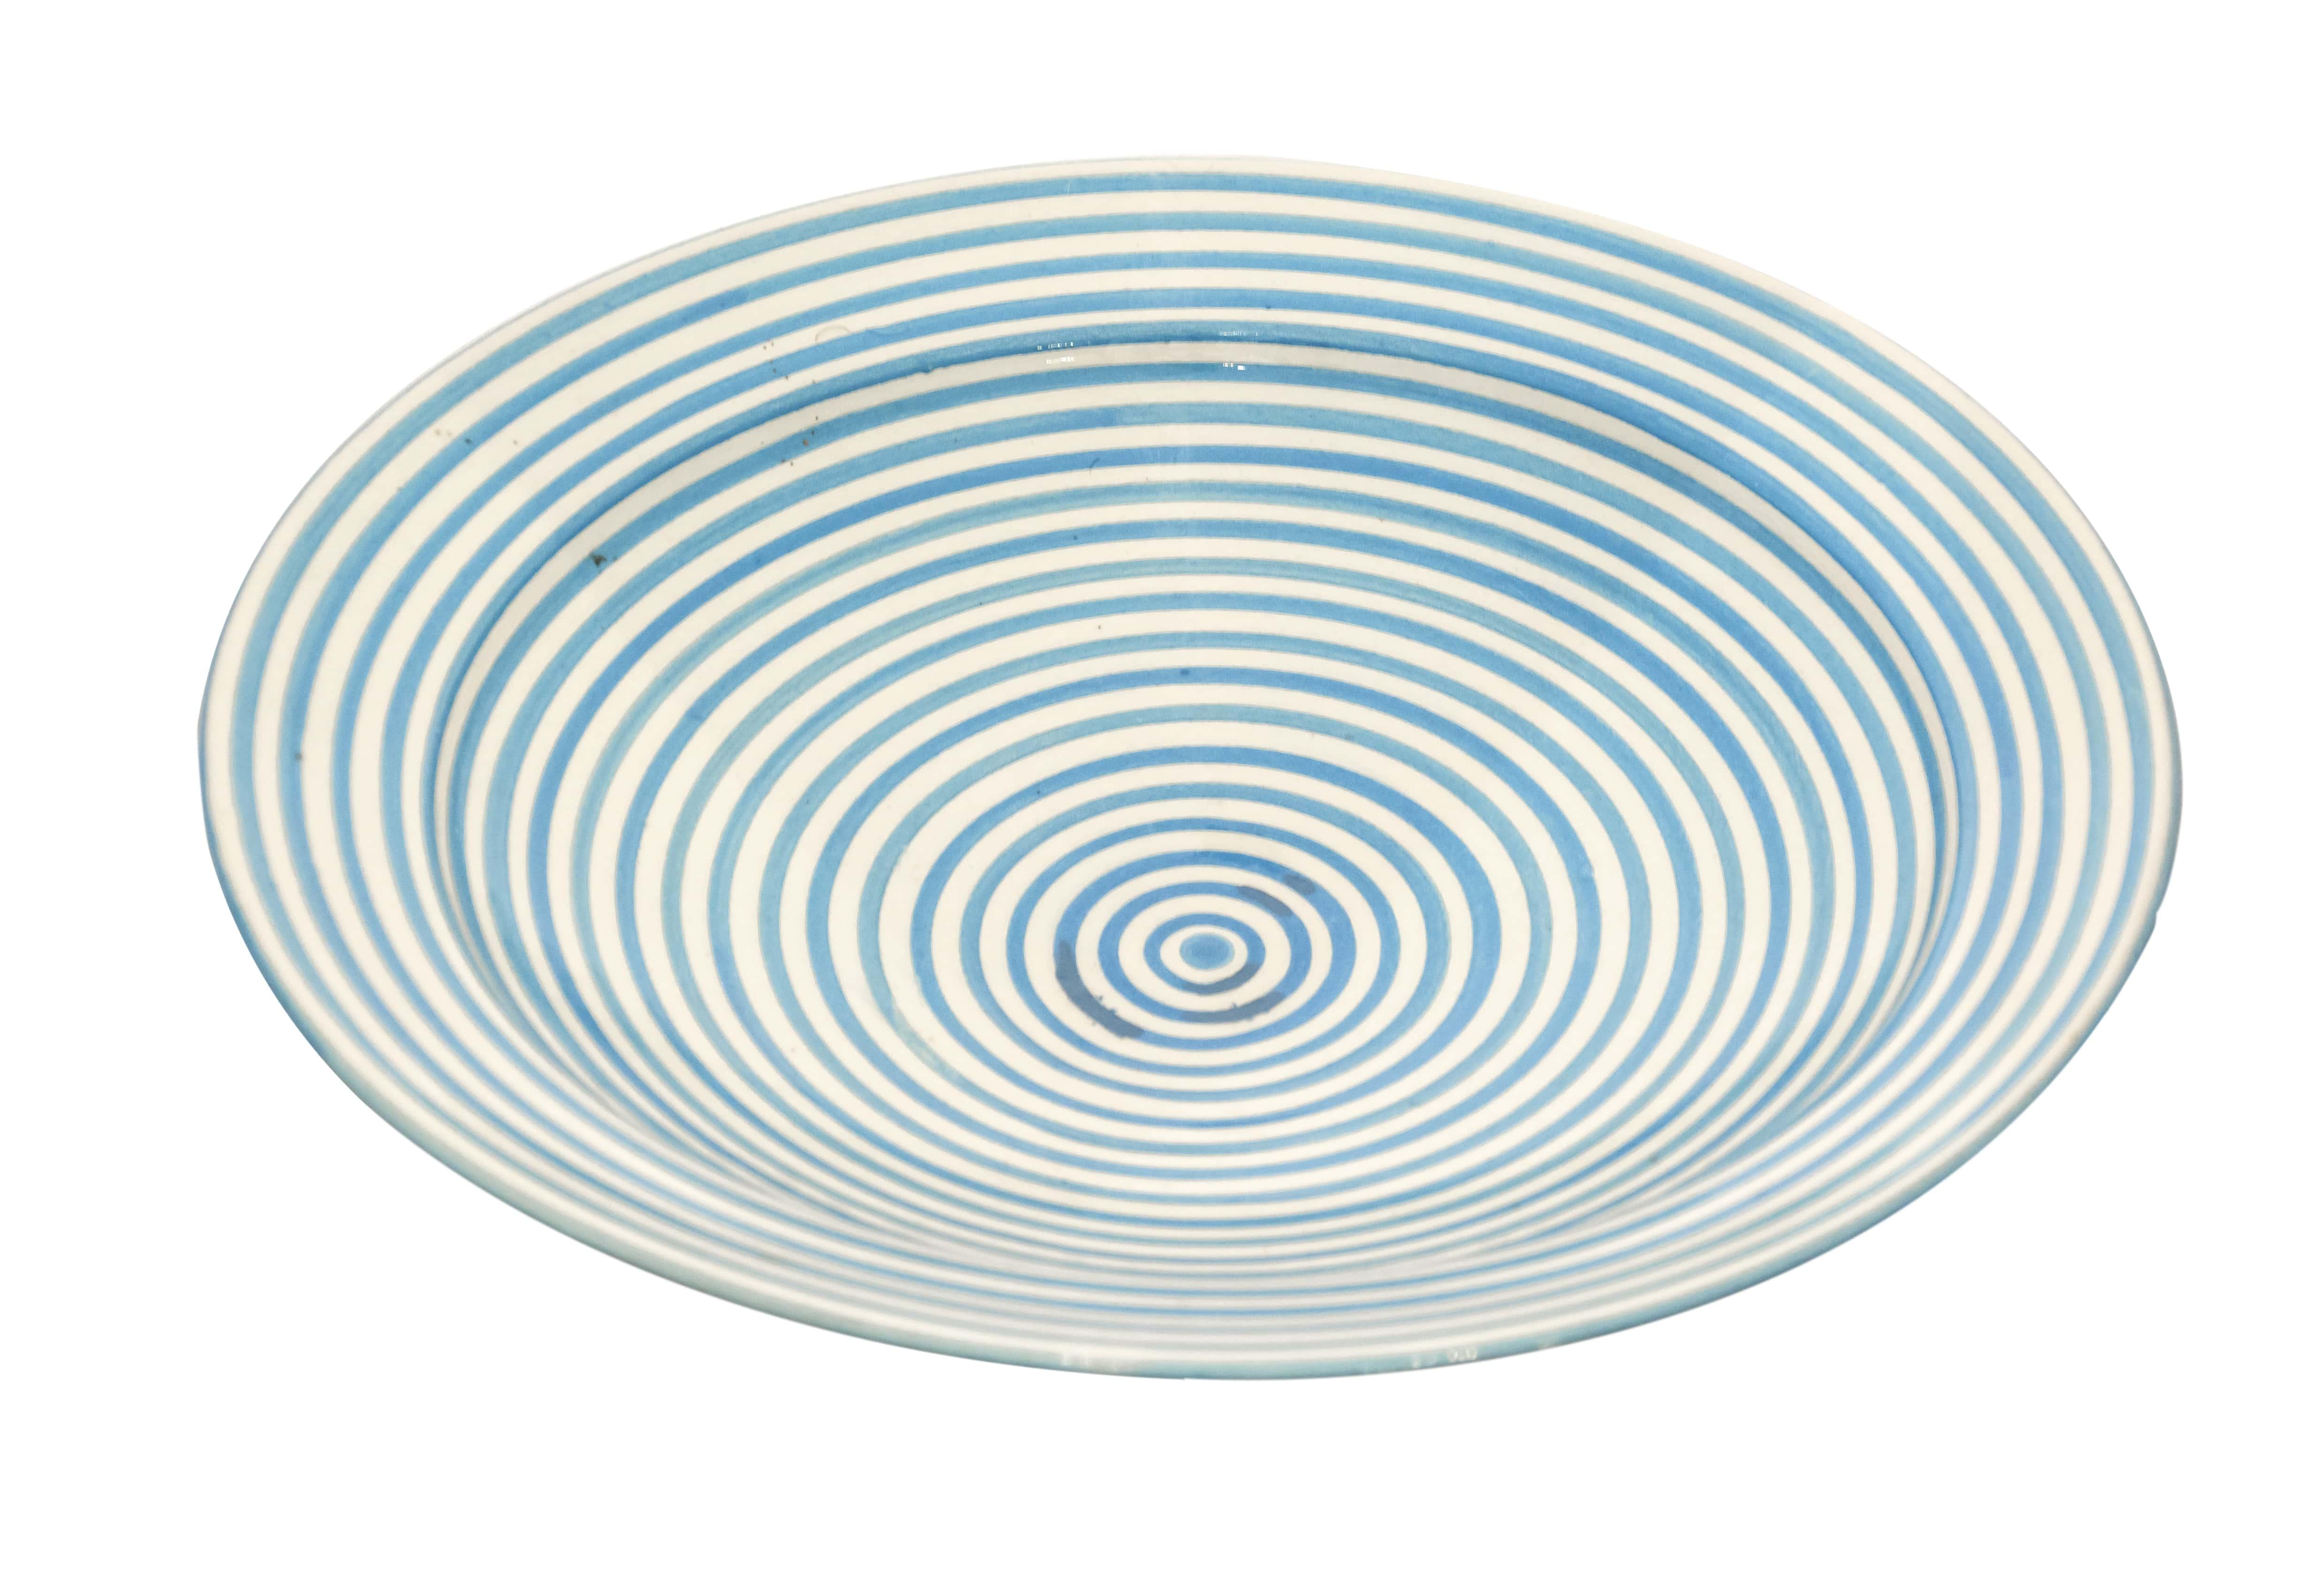 Plato en cerámica Marroquí diseño espiral azul-35 Cm